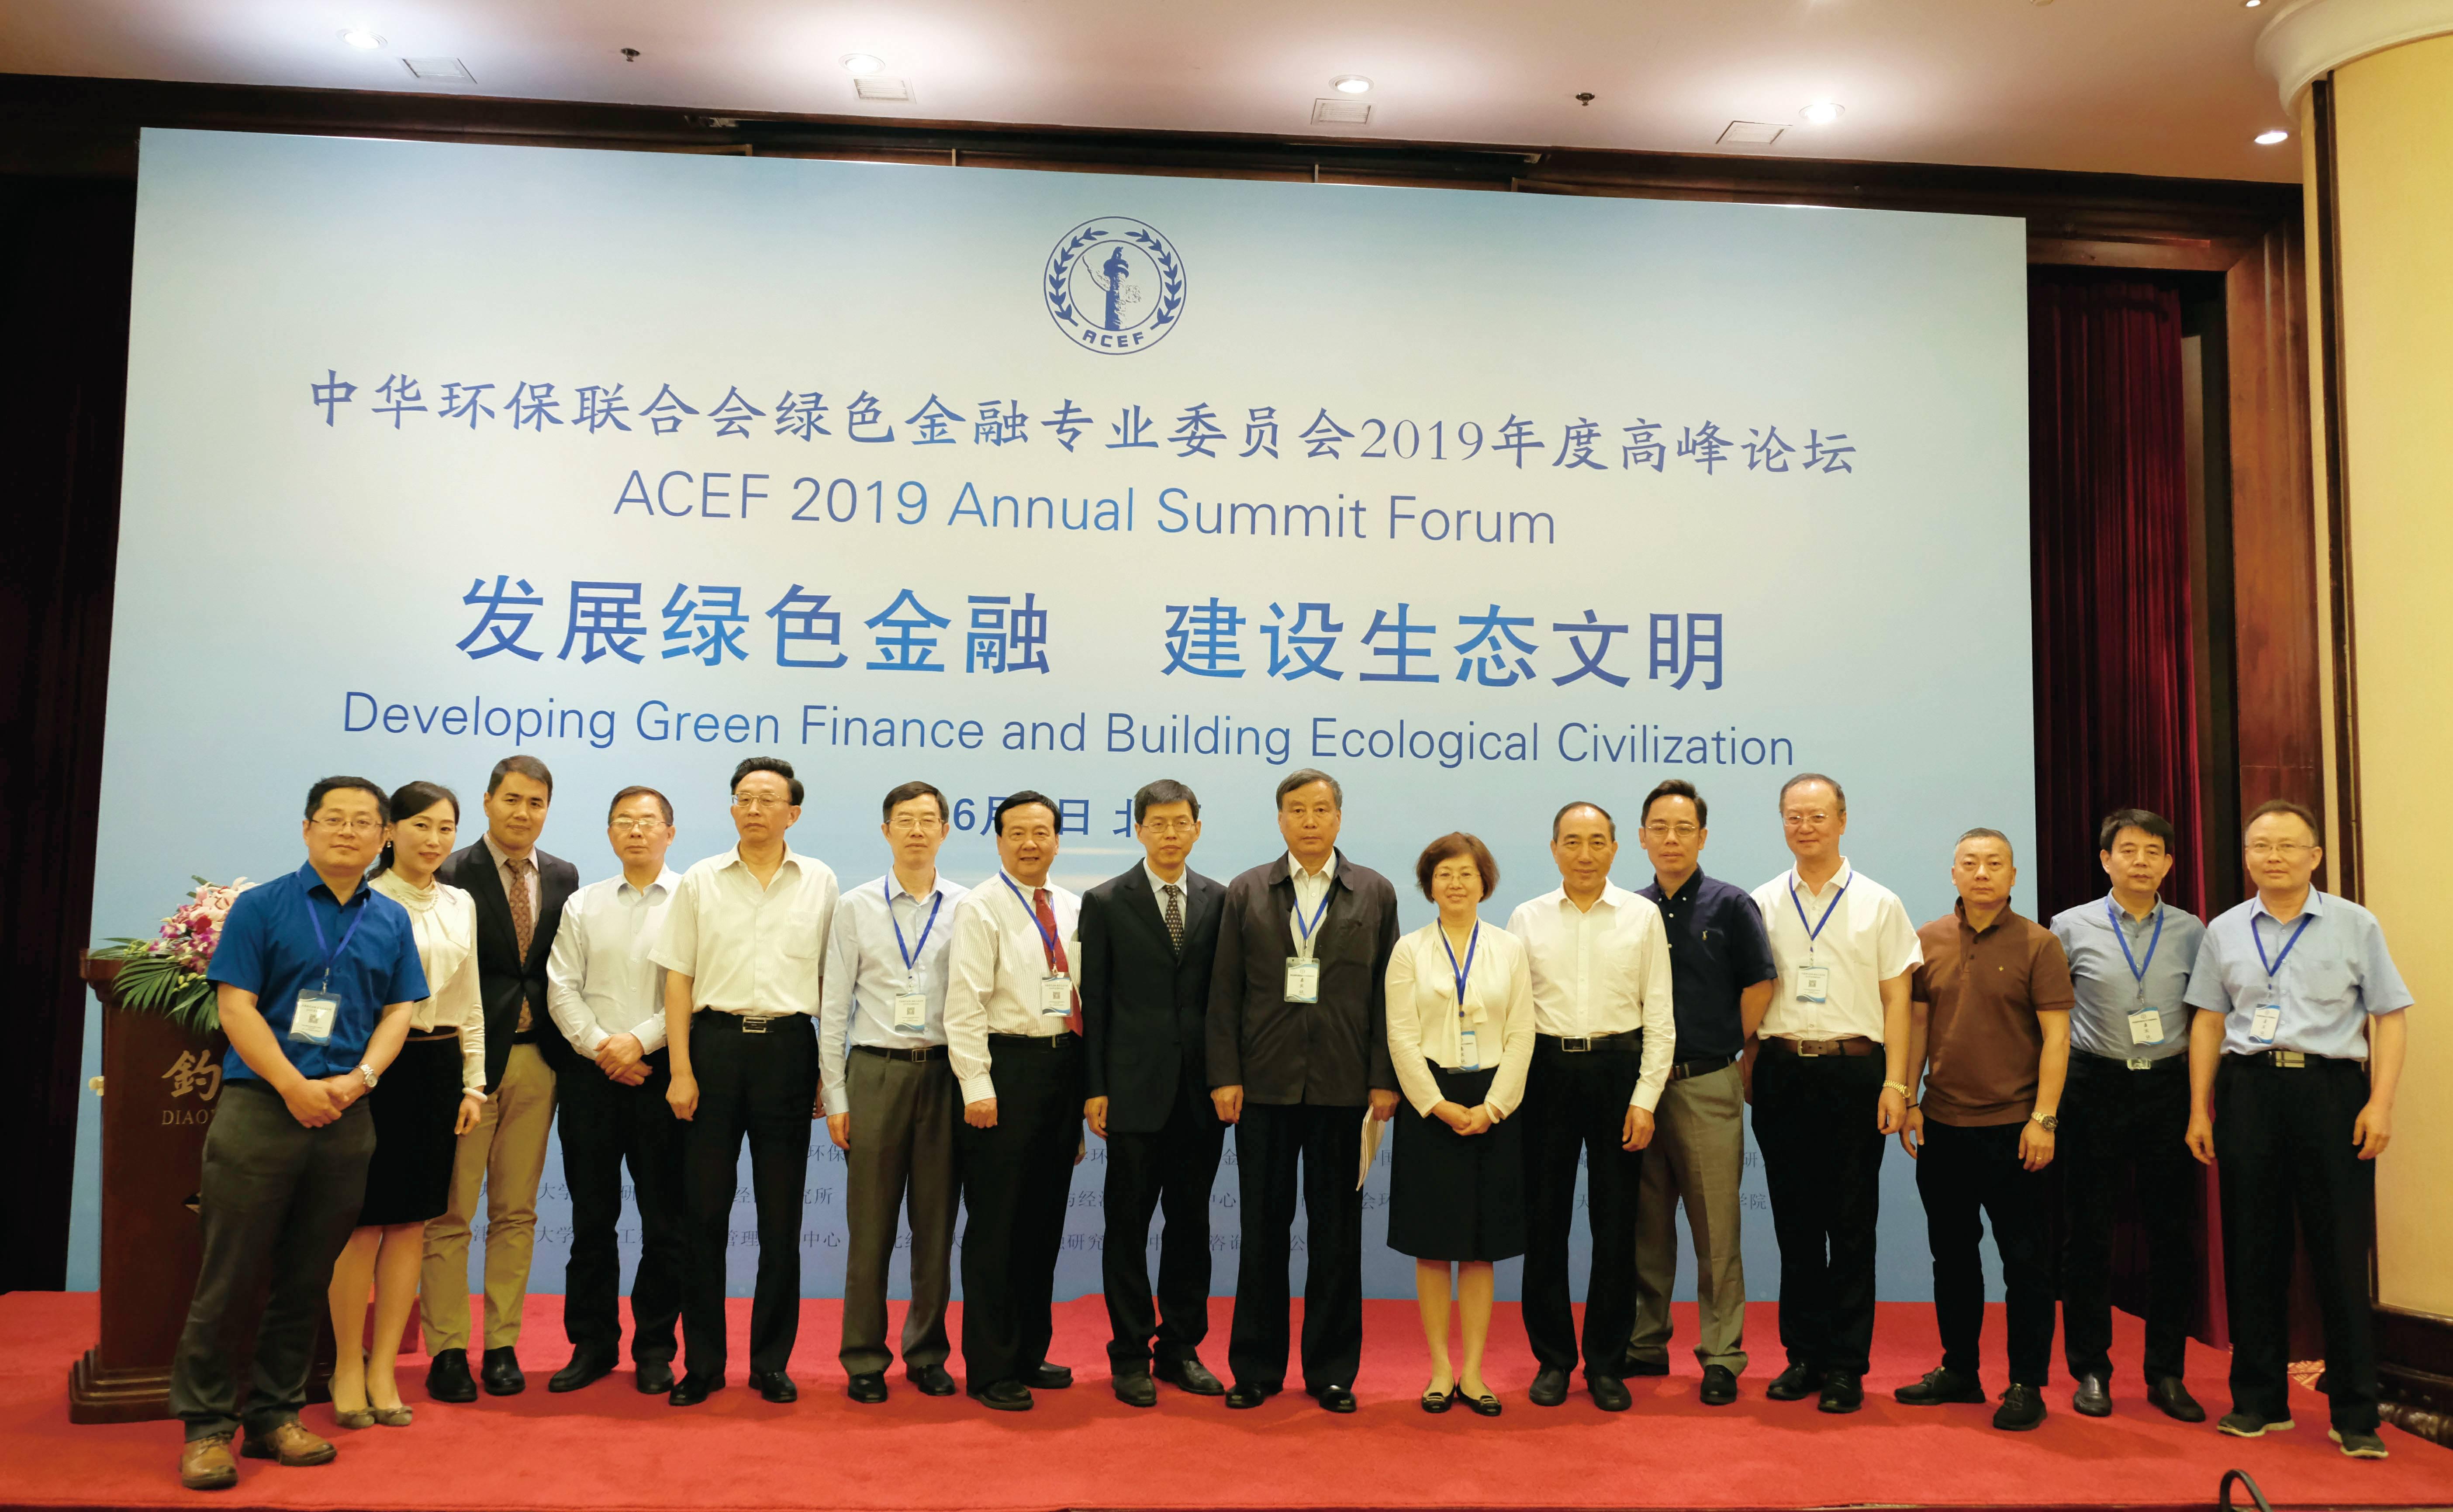 <b>中华环保联合会绿色金融专业委员会高峰论坛举行 绿色金融生态环境共生共赢</b>